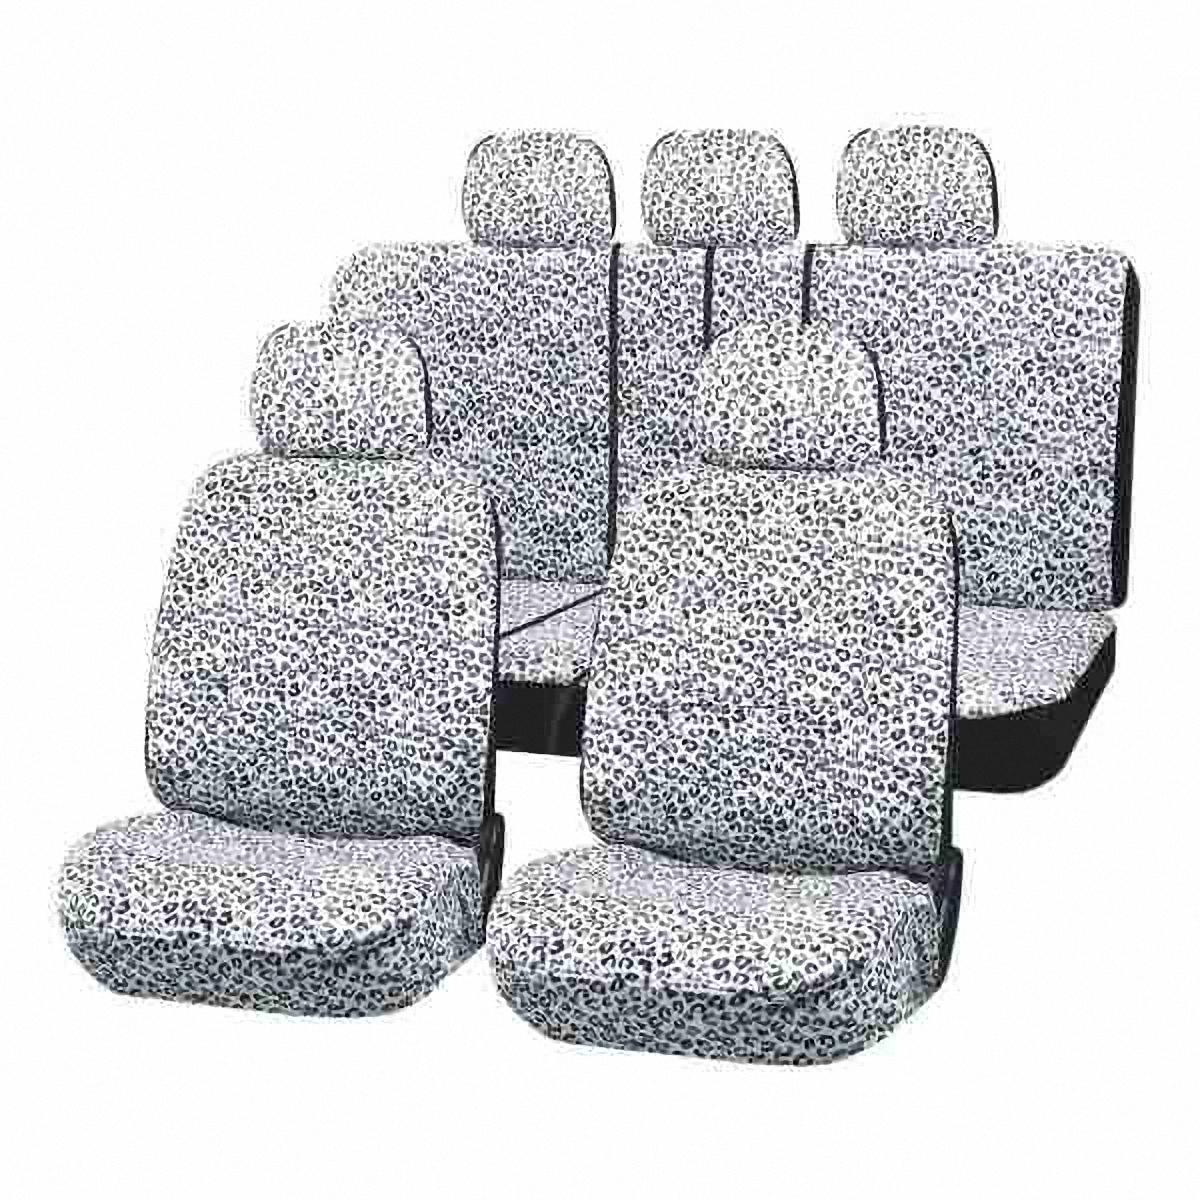 Чехол на сиденье Skyway, 11 предметов. S01301085ст18фКомплект чехлов на сиденья Skyway выполнен из вельвета. Многослойная структура изделия и спинка из тонкой тянущейся ткани позволяют максимально точно повторять контур сидений, делая чехлы универсальными. Крепятся при помощи резинок. В спинках передних сидений имеется удобный карман. Чехлы разделены на 2 части для удобства одевания. Специальные молнии на чехлах задних сидений позволяют использовать подлокотник.В комплект входит 11 предметов на все элементы передних и задних сидений.